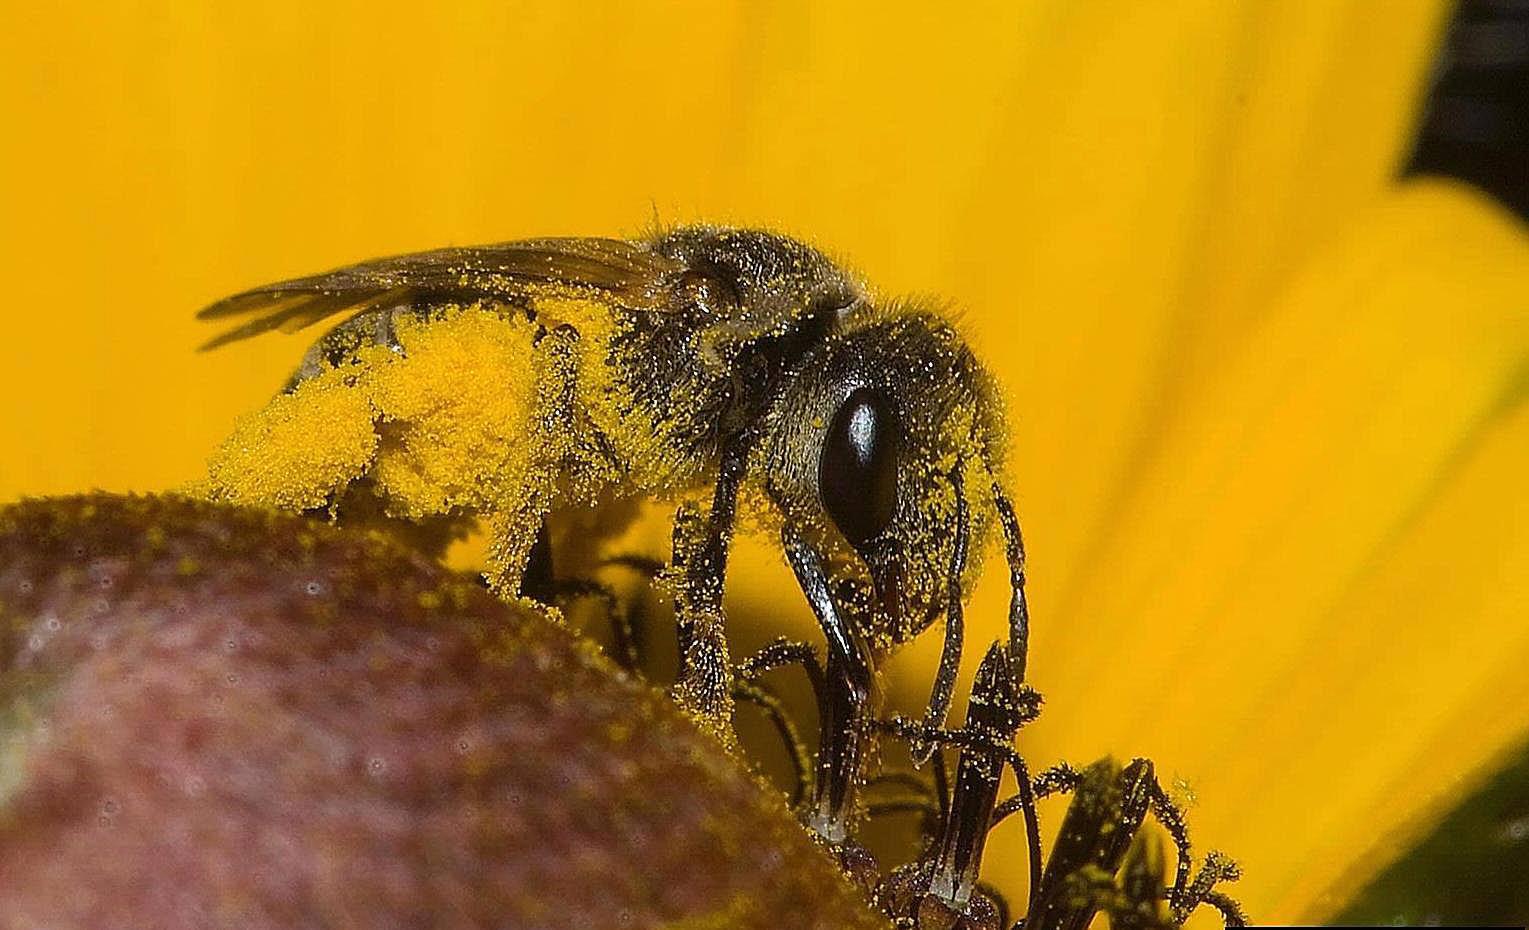 Digger bee.